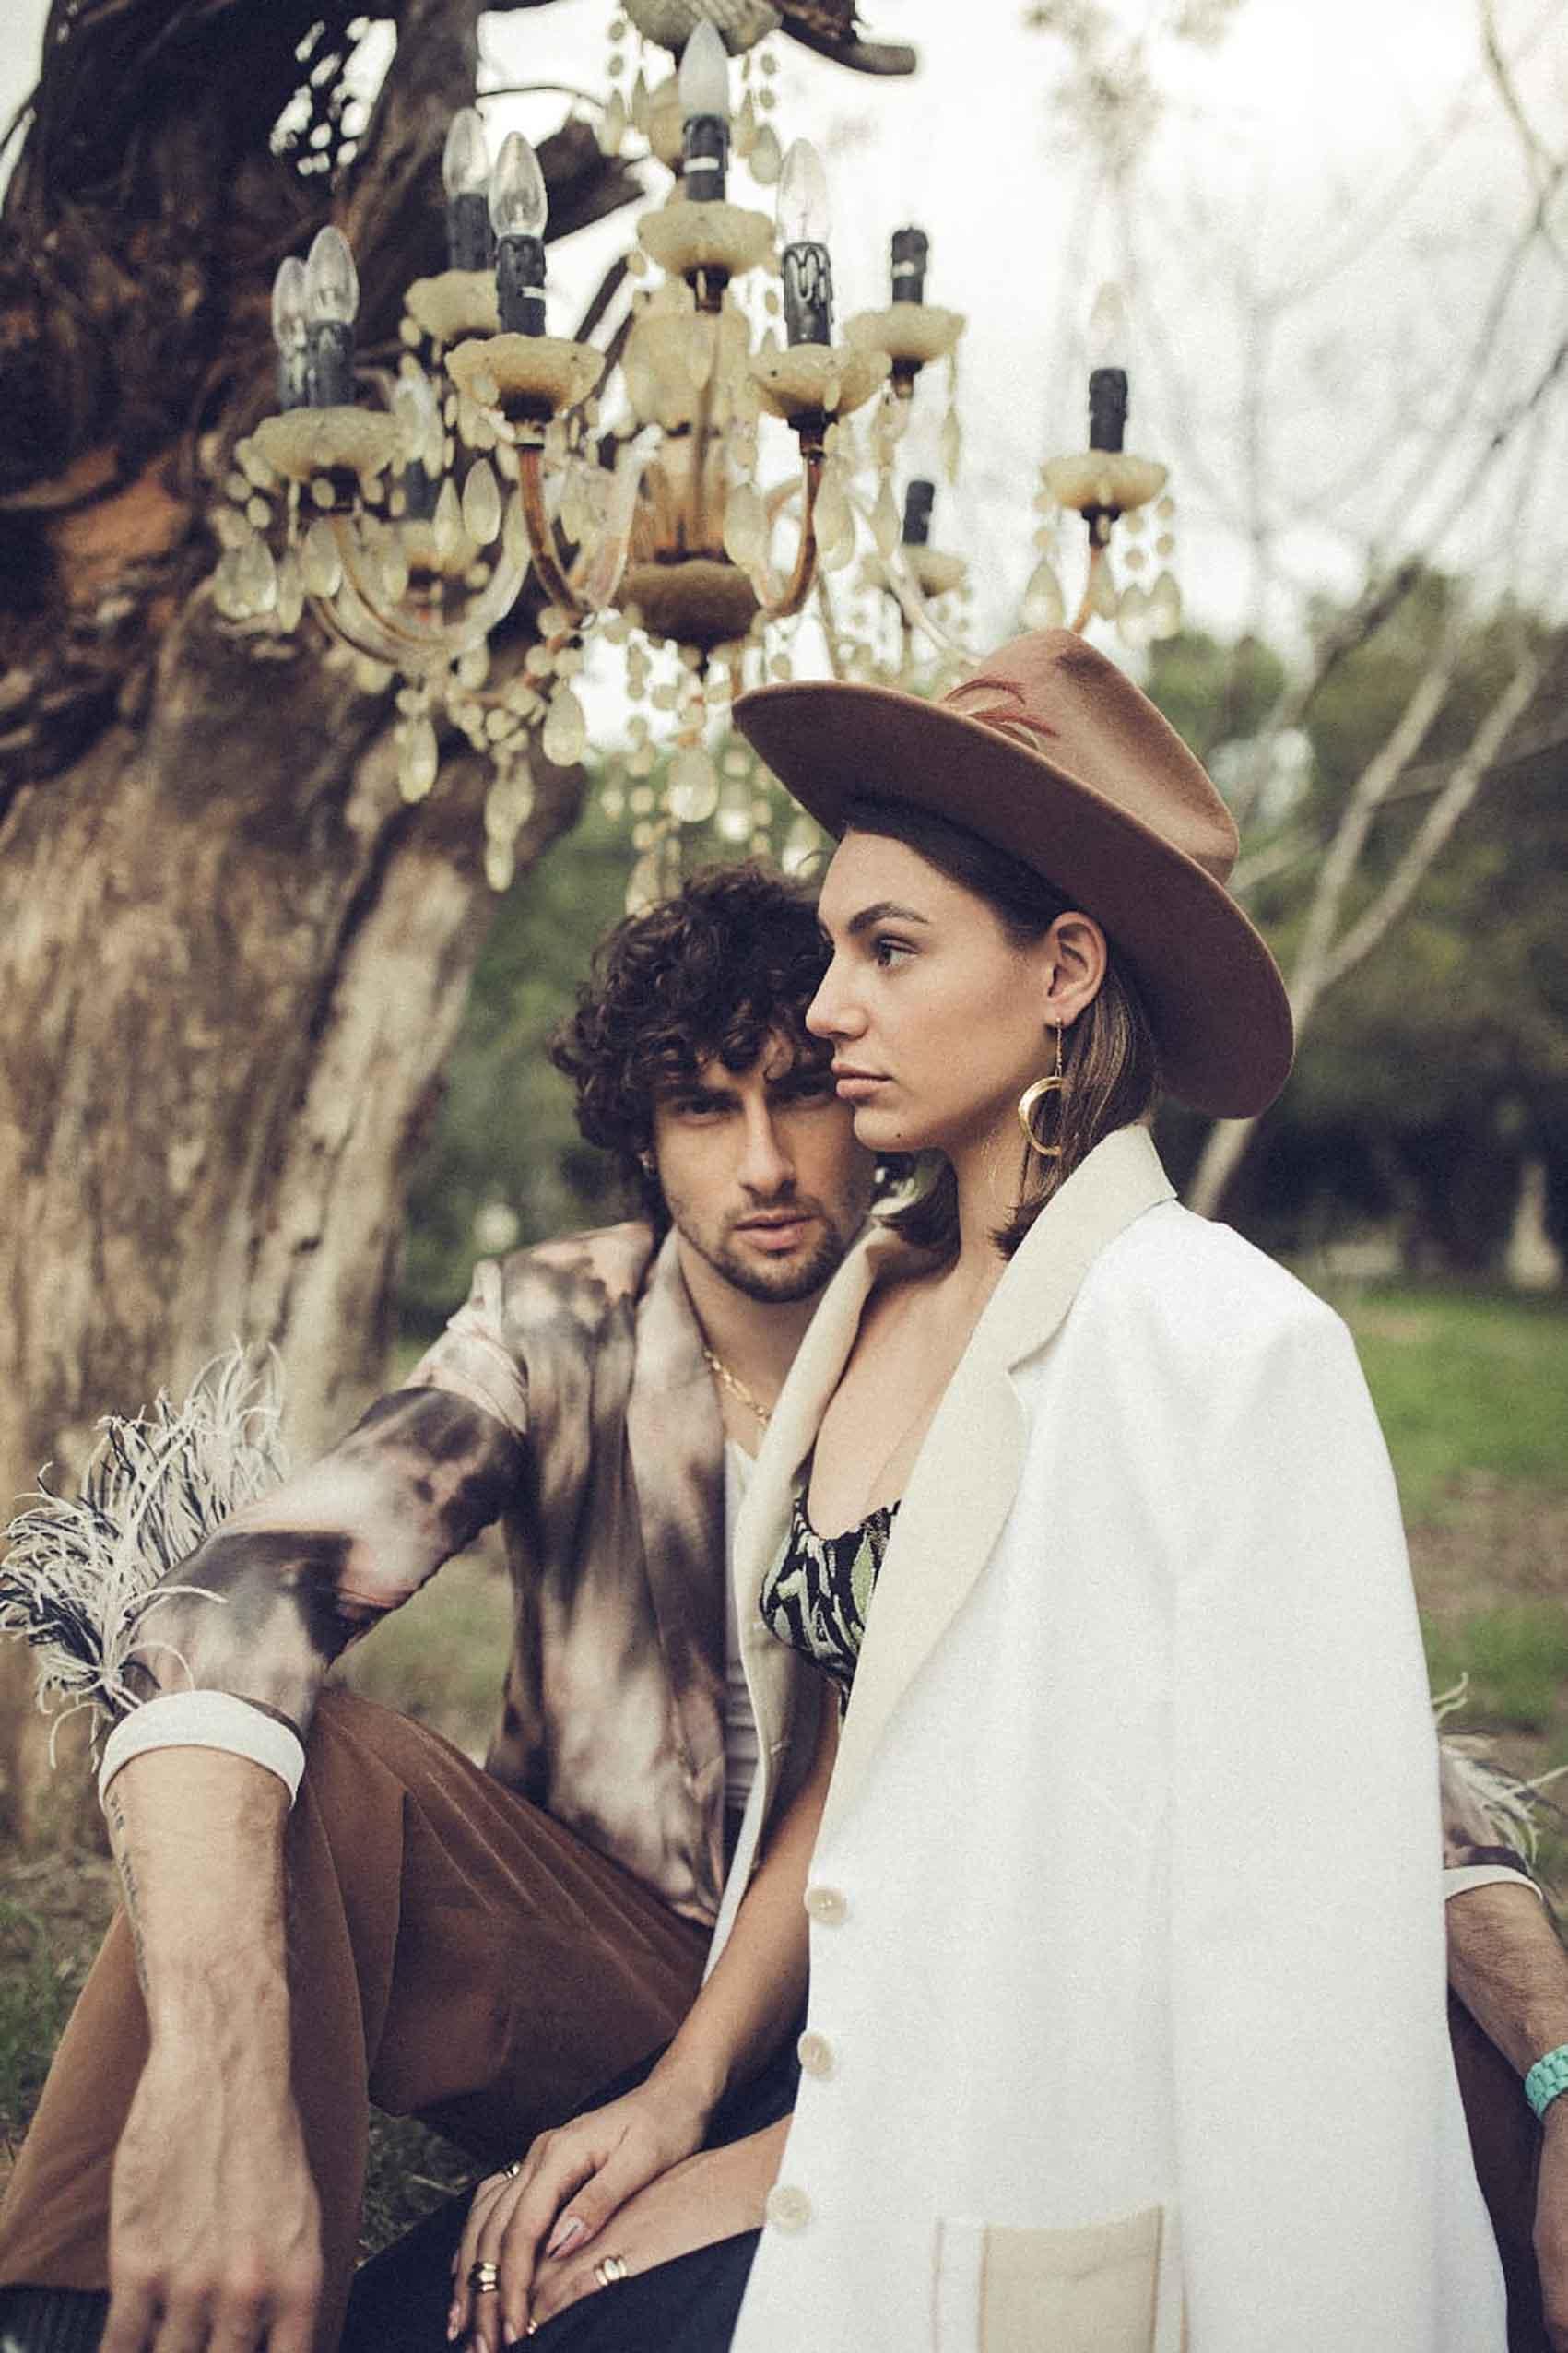 הפקות_אופנה_יום_האהבה_ולנטיין_דיי_מגזין_אופנה_חן לוי_אופנה_ישראלית